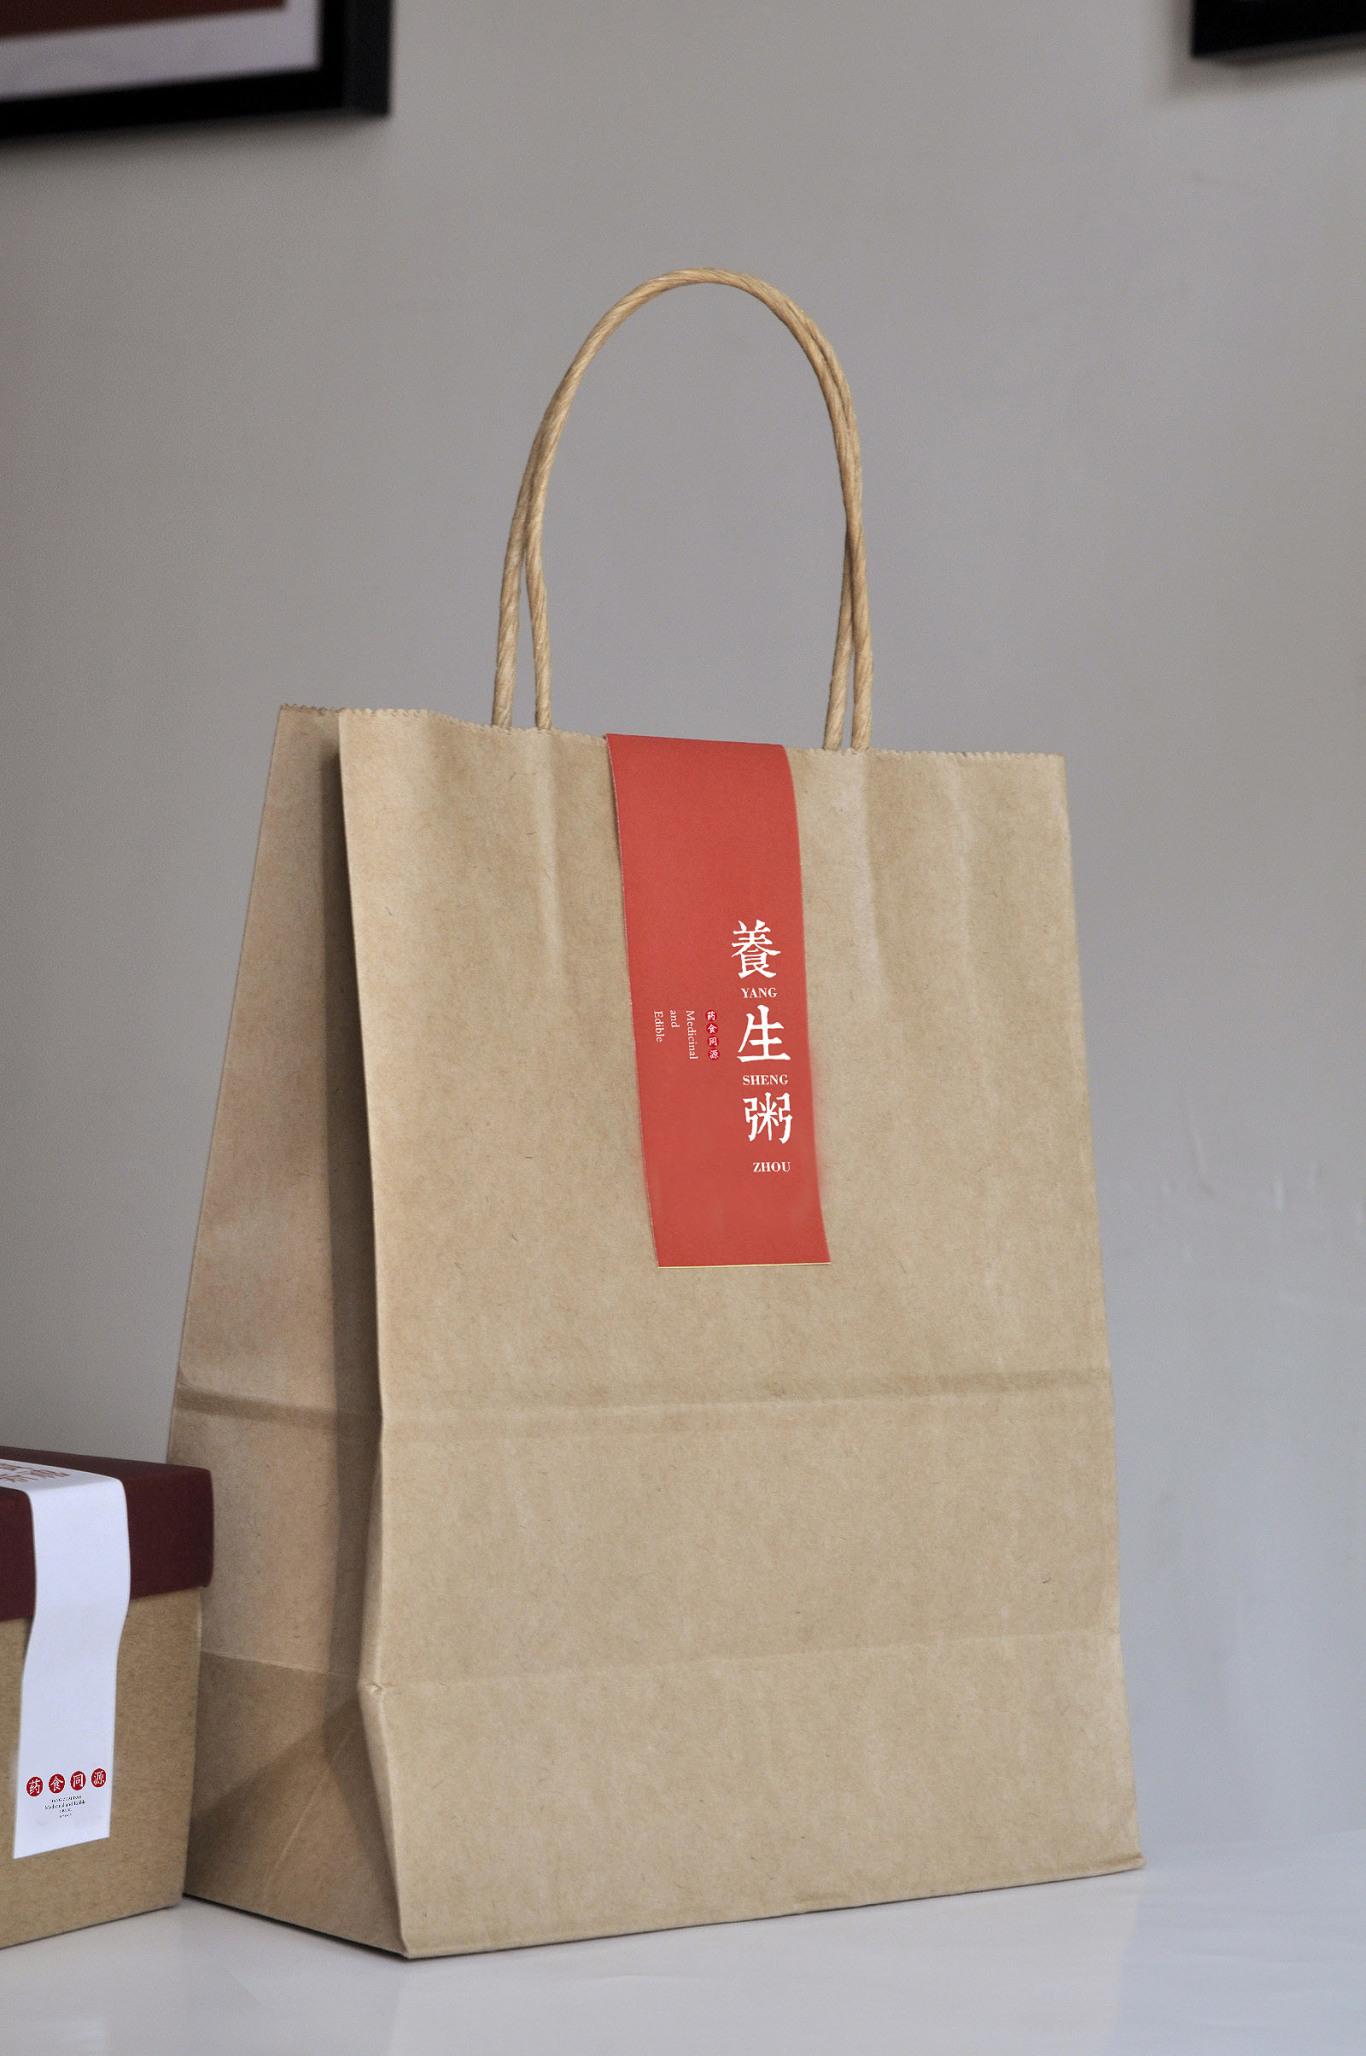 良斋道药食同源品牌咨询与LogoVIS设计包装设计图3